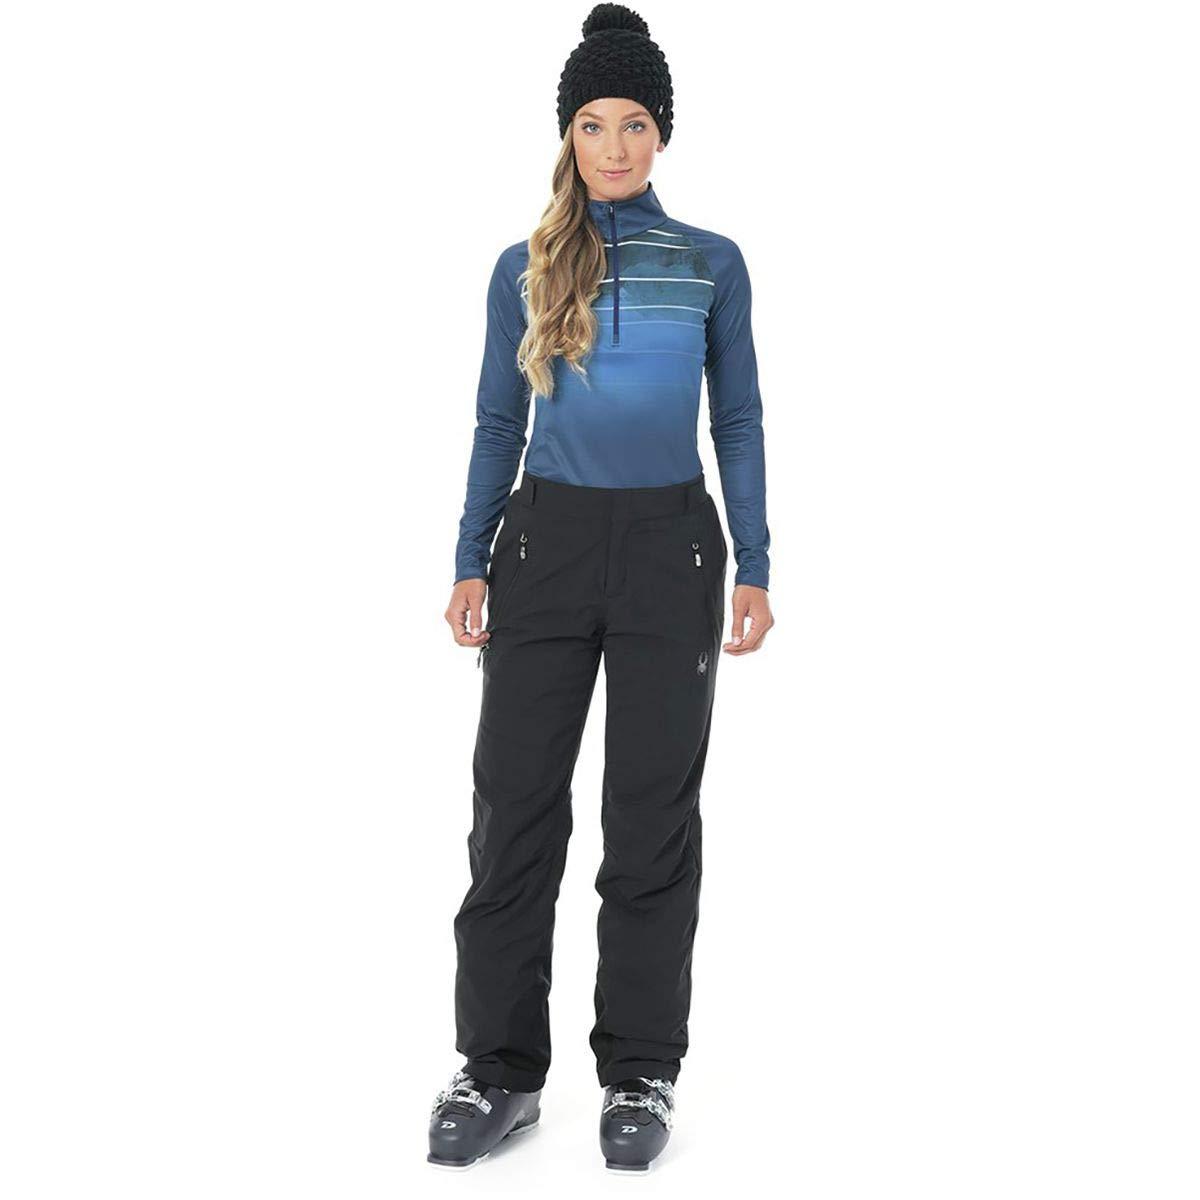 BLACK BLACK Spyder Women's Winner Goretex Ski Pant Regular Fit